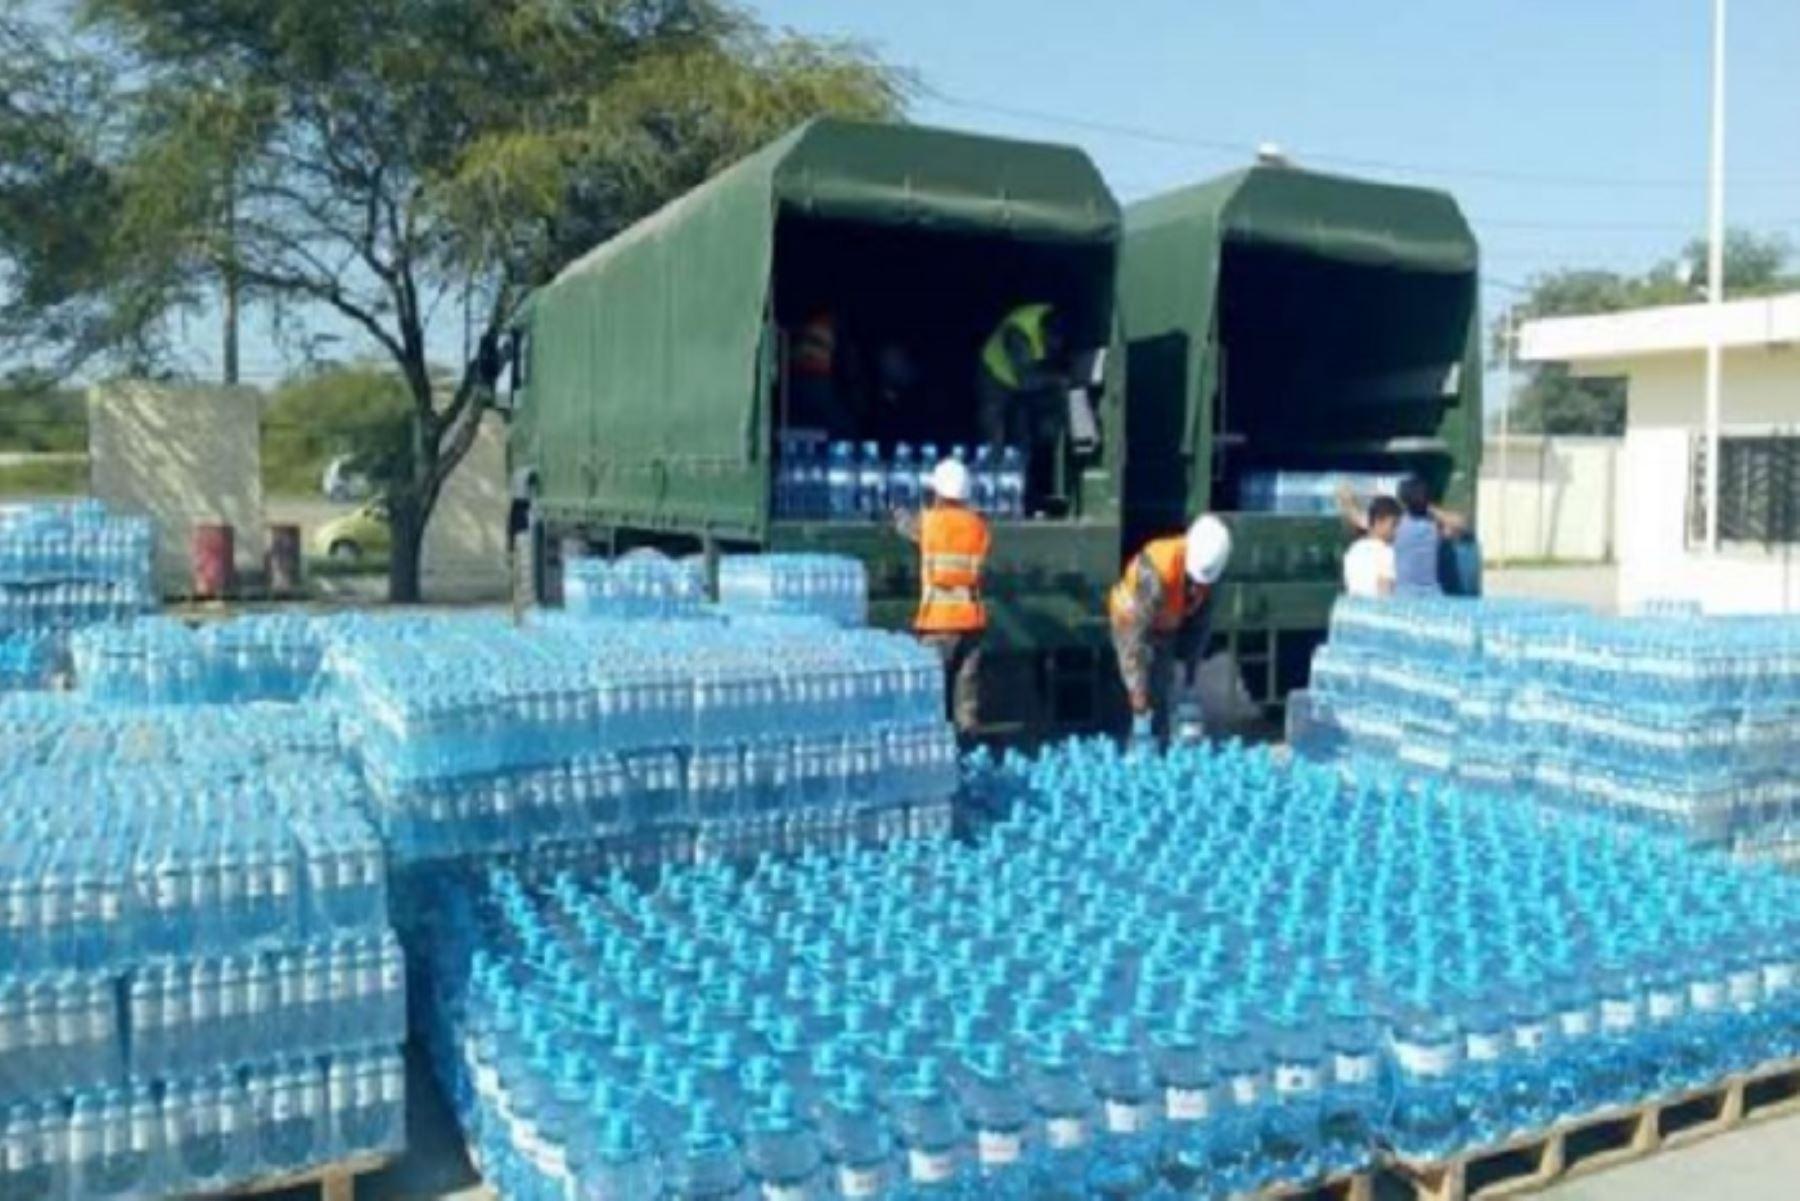 Los envases con agua, donados por la empresa privada, fueron transportados en vehículos militares Man.